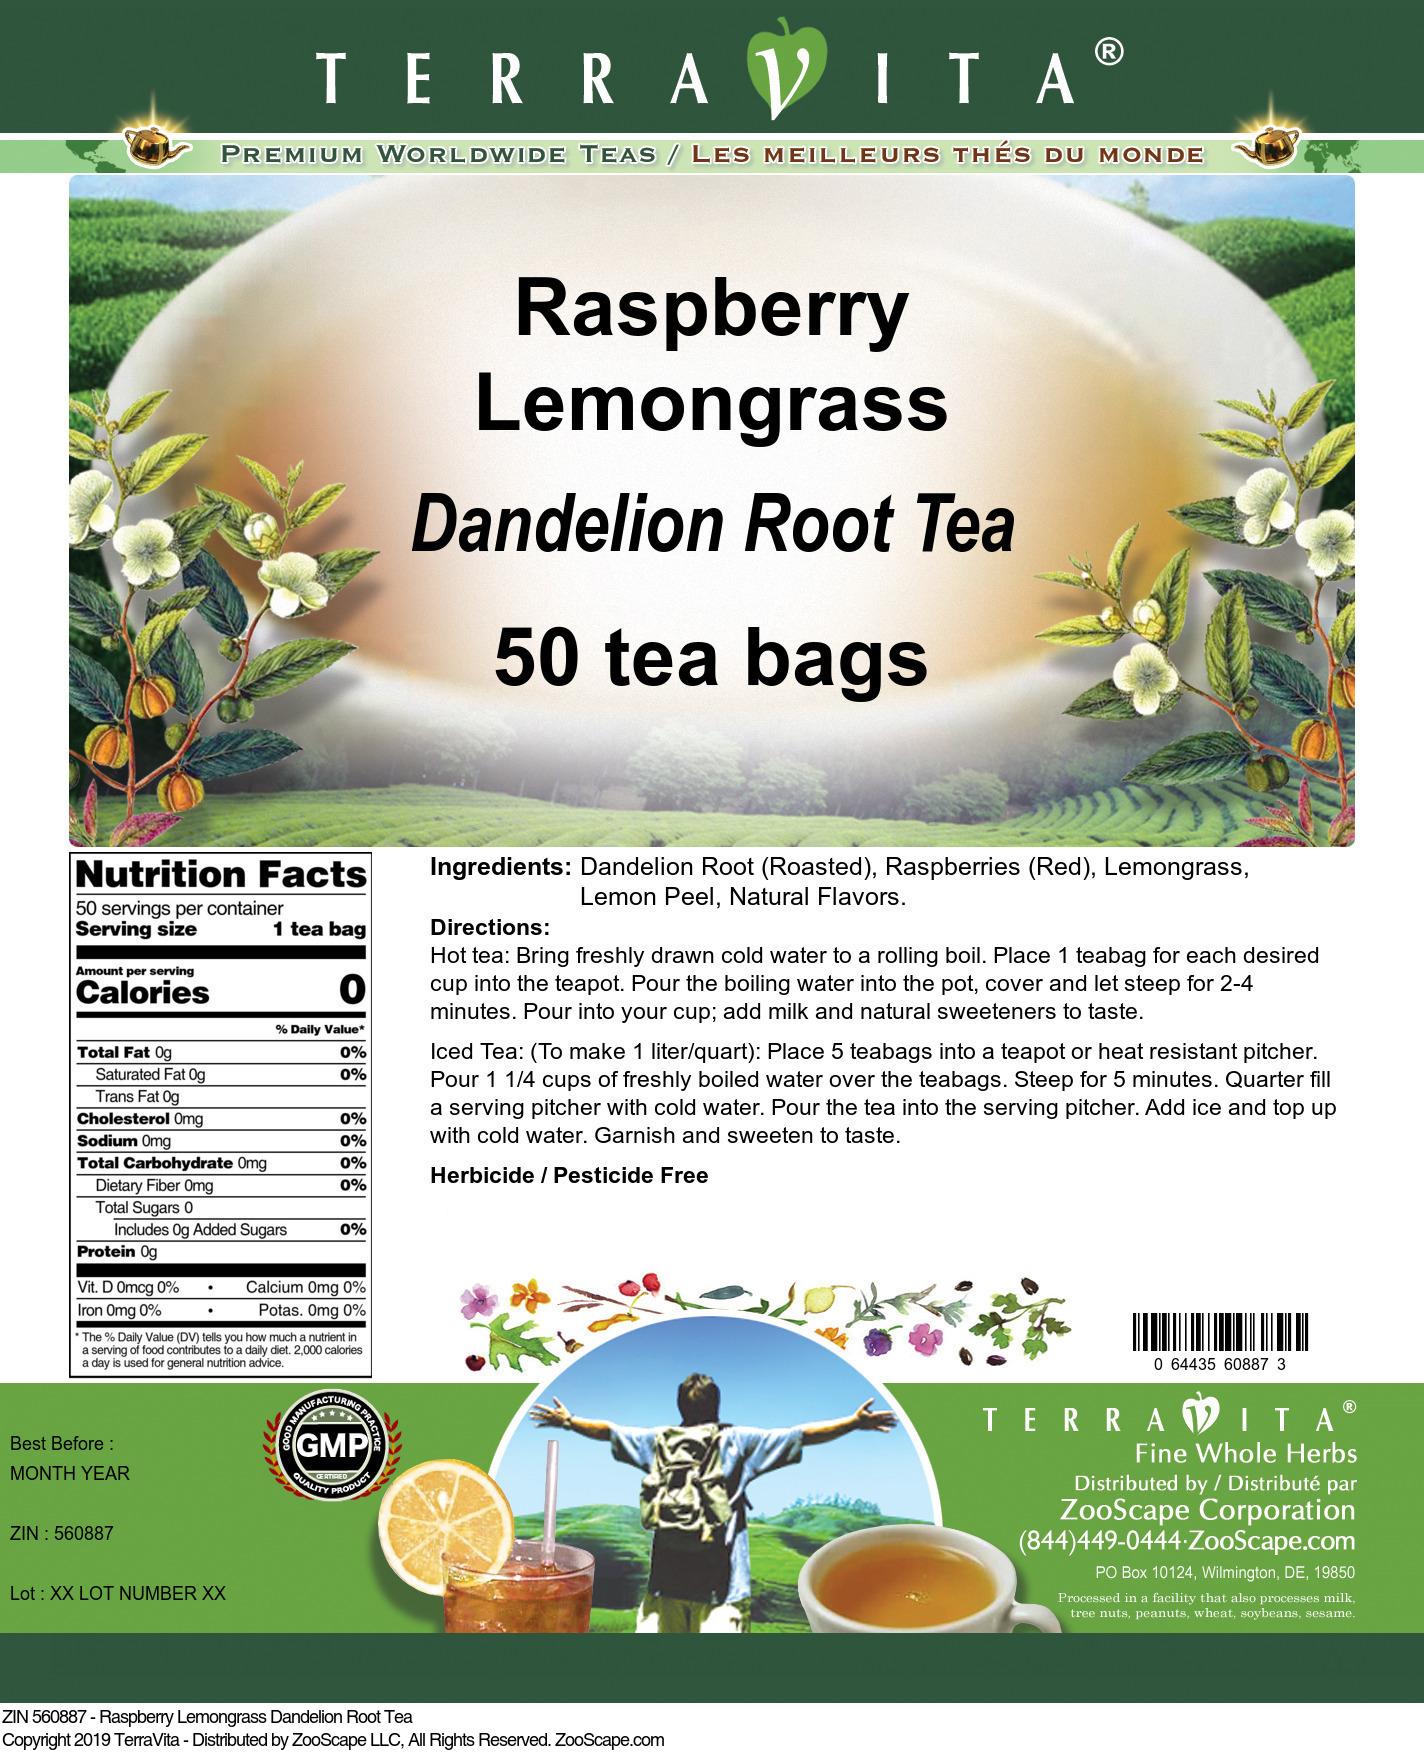 Raspberry Lemongrass Dandelion Root Tea